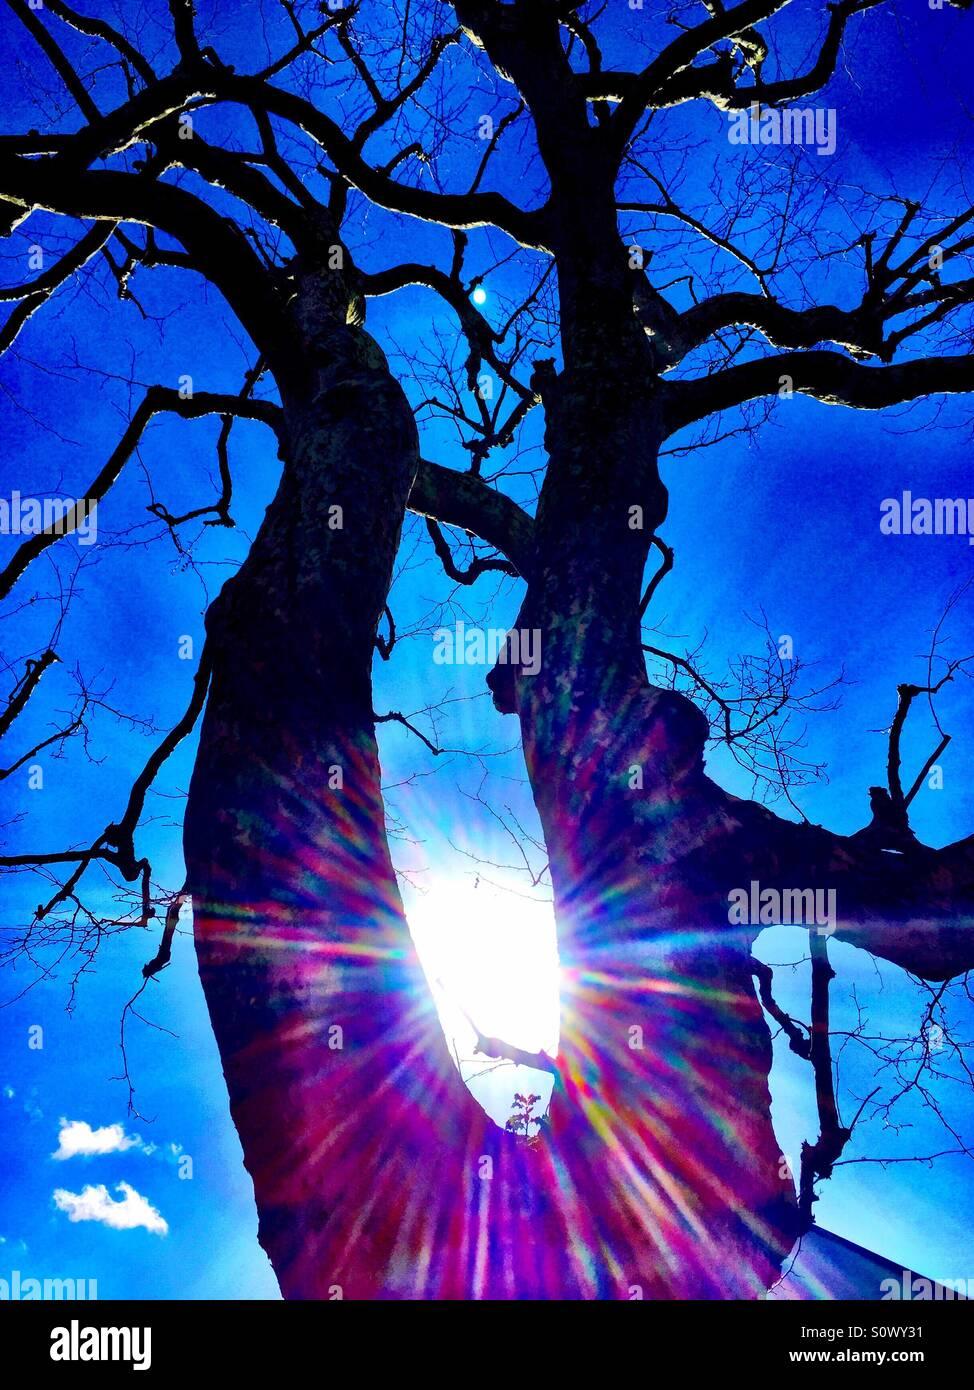 Albero senza foglie back lit silhouette con effetto flair Immagini Stock